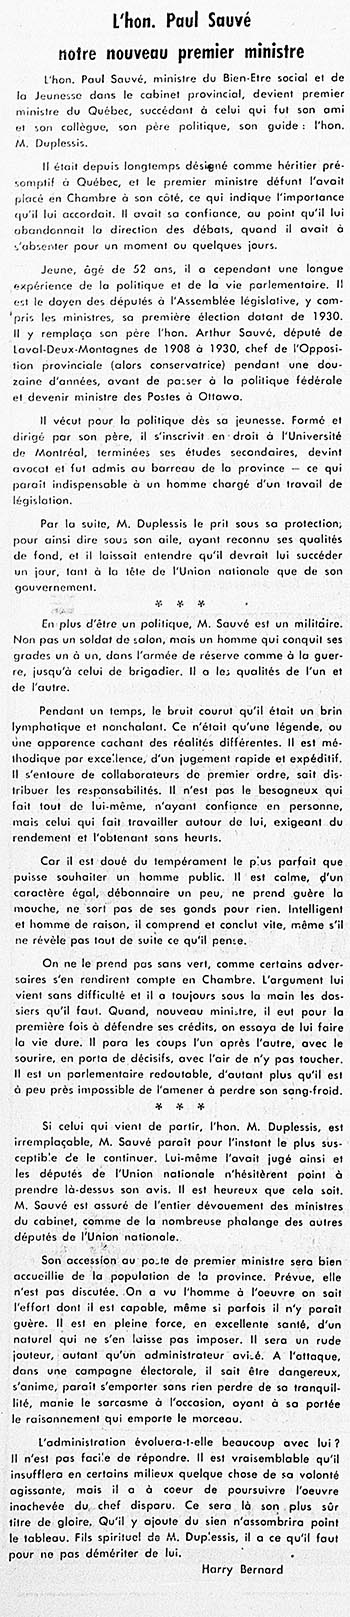 edito_17septembre1959A_350